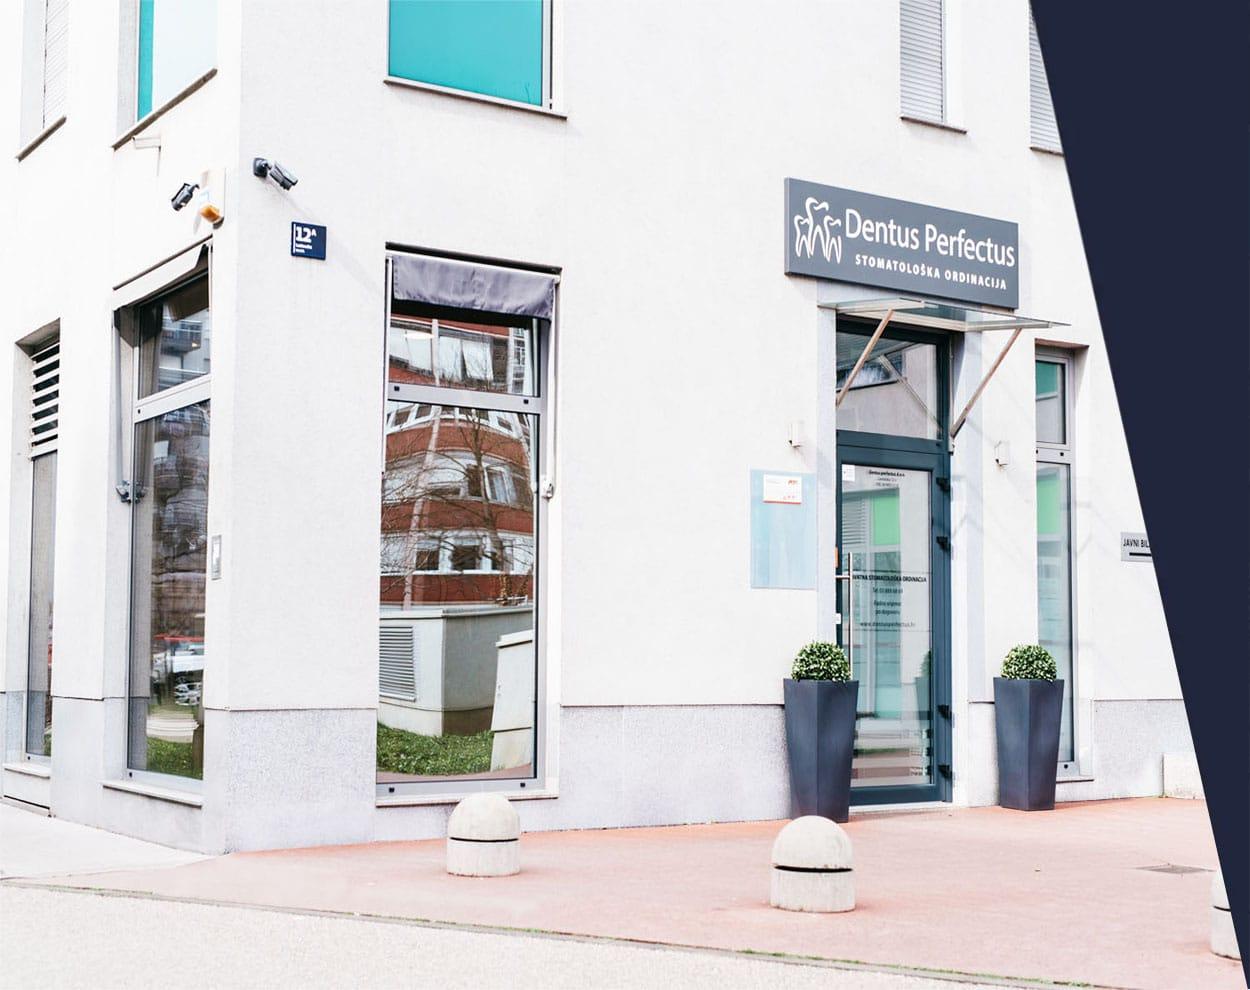 Dentus Perfectus lokacija centar Zagreb